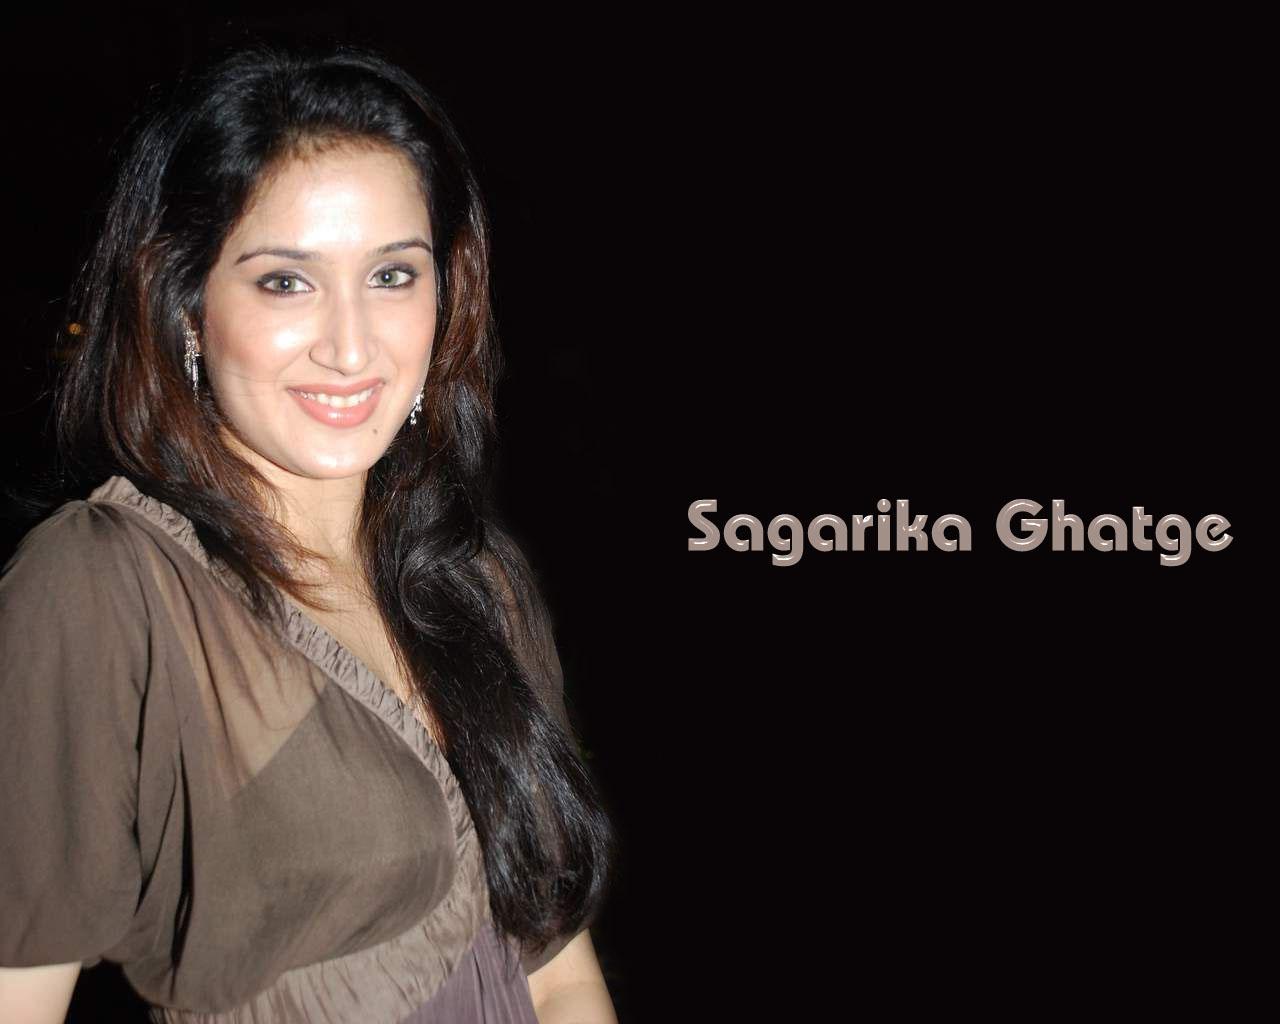 http://1.bp.blogspot.com/-AtiCLJeGY20/Ta5risPwWLI/AAAAAAAAC2Y/w6DKHwaIvUo/s1600/sagarika-ghatge-wallpapers-1.jpg